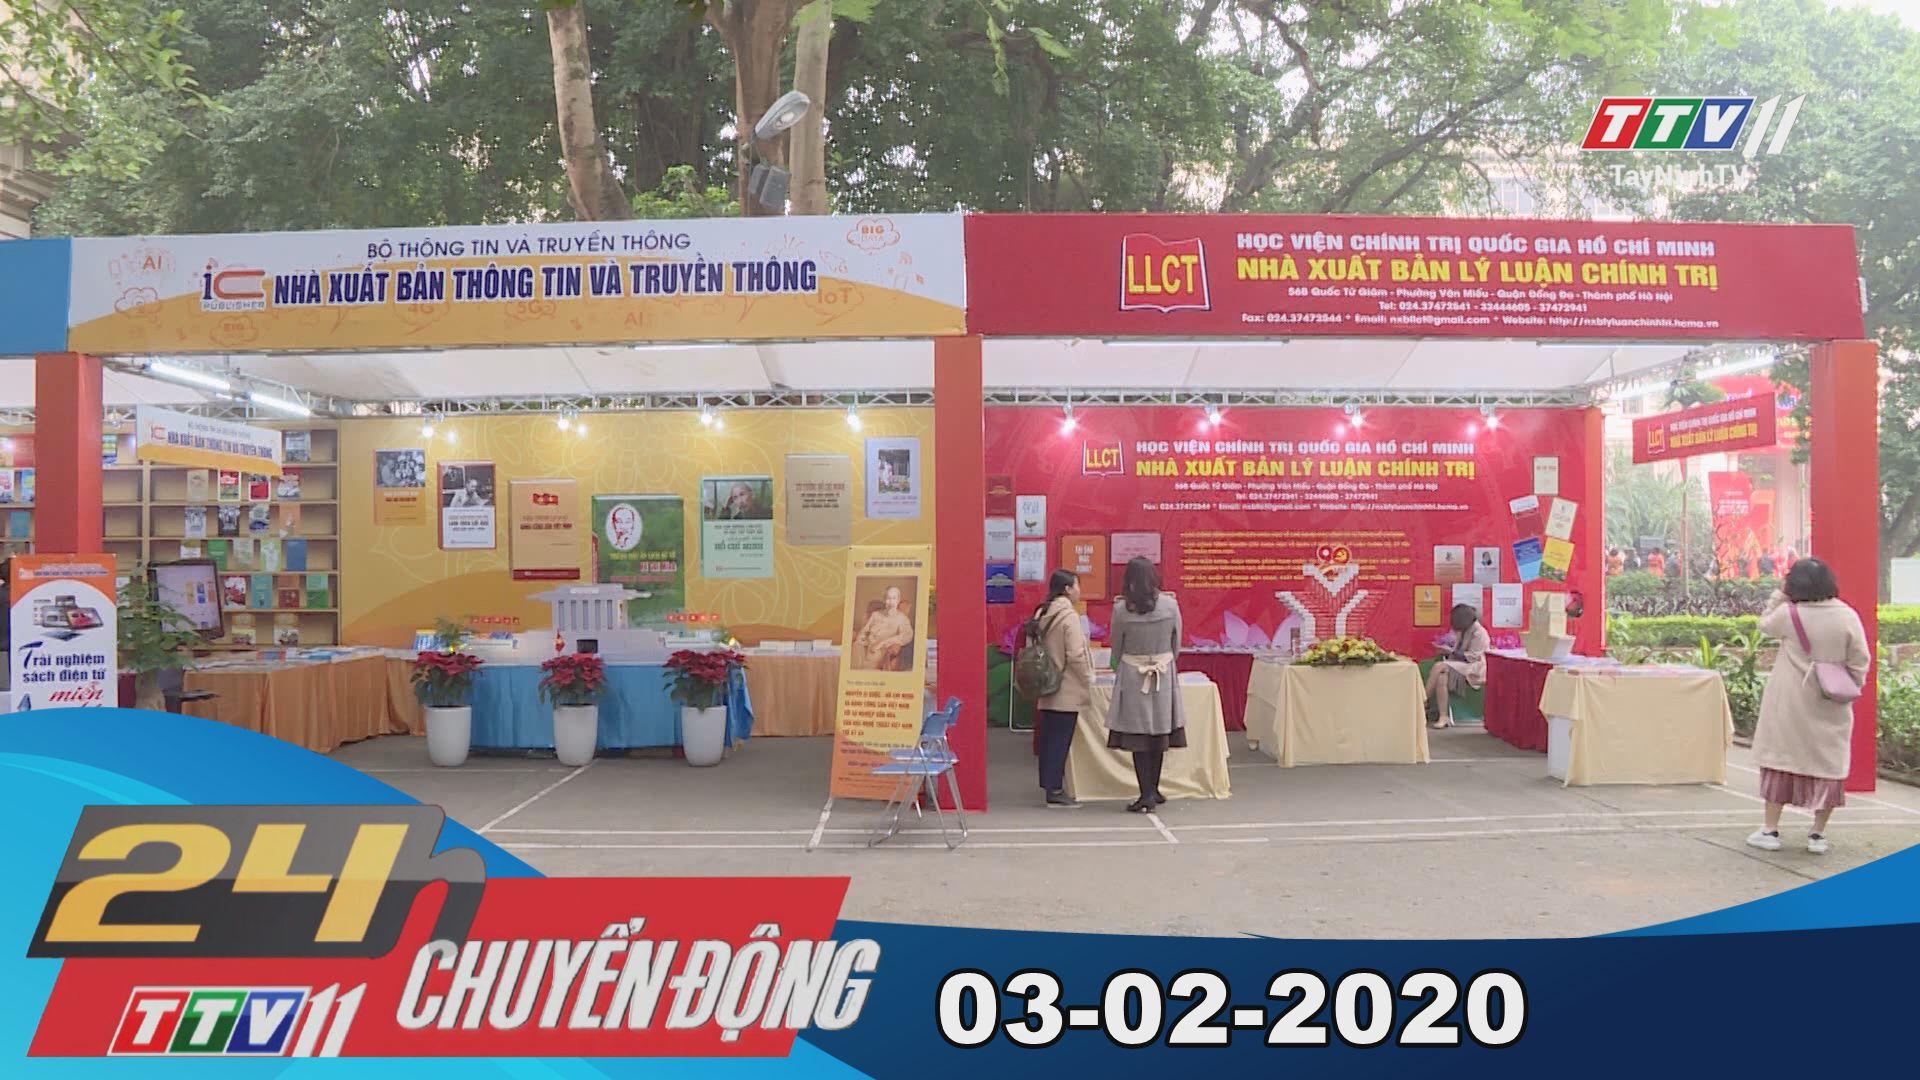 24h Chuyển động 03-02-2020 | Tin tức hôm nay | TayNinhTV